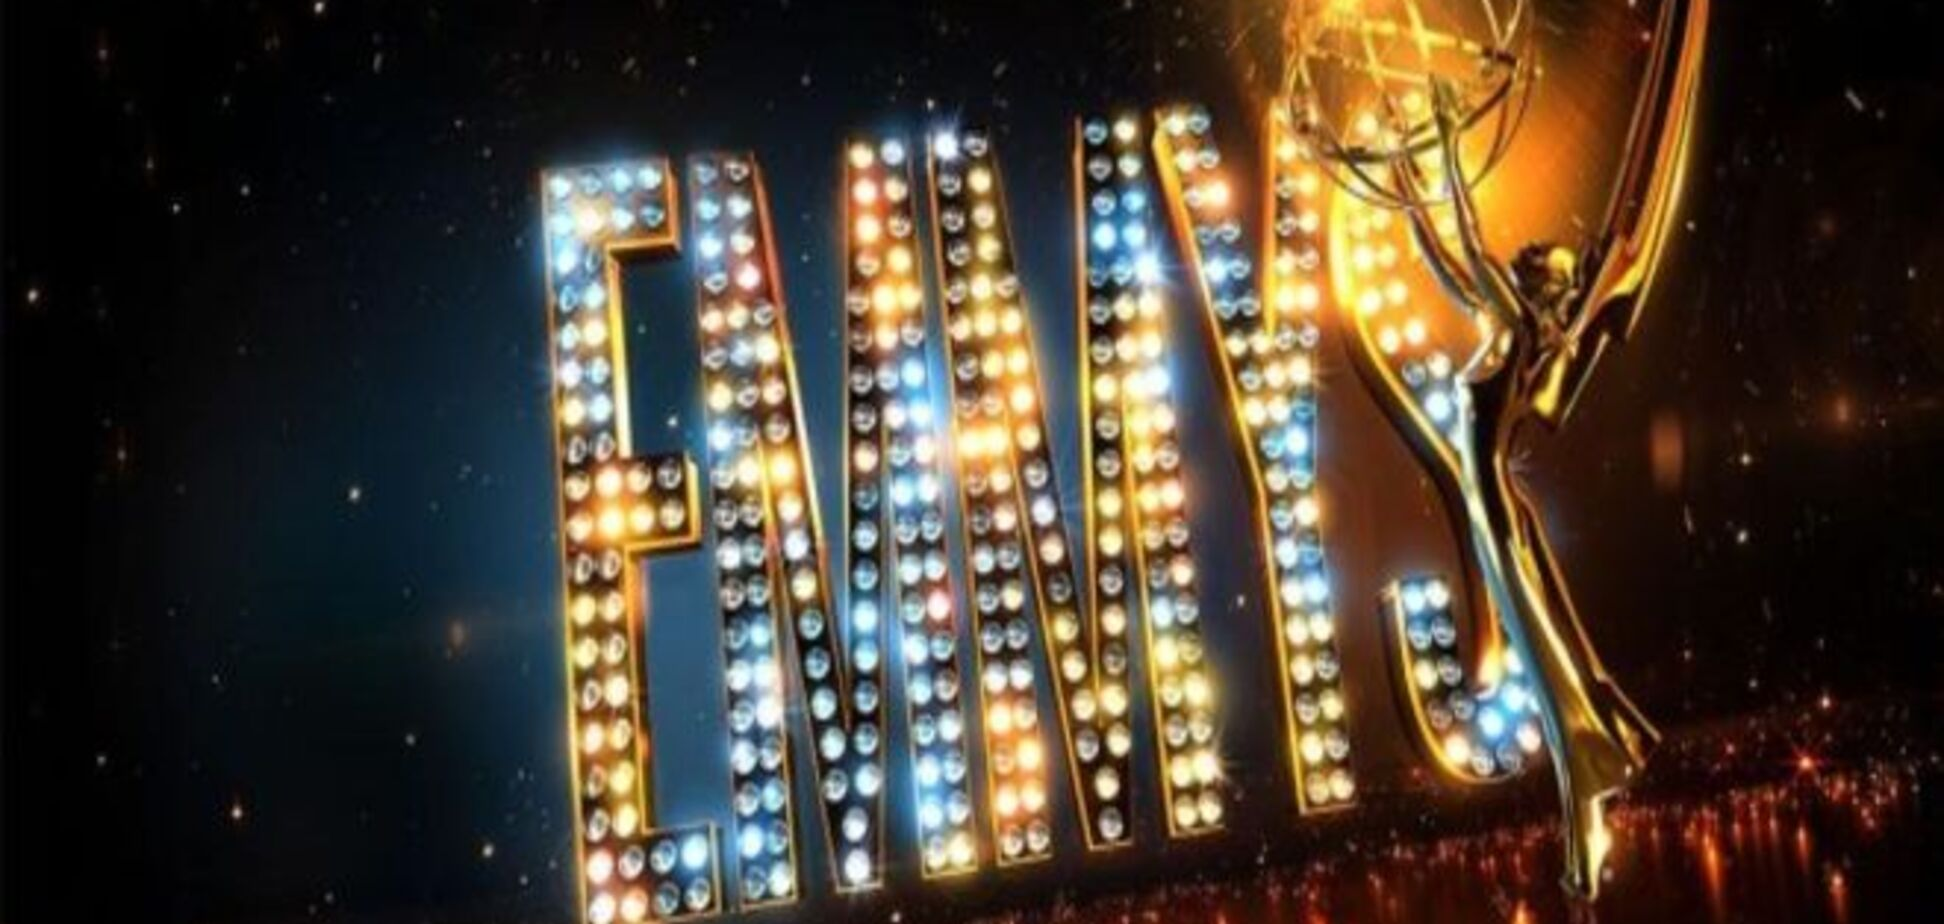 Стало відомо, який серіал отримав рекордні 24 номінації 'Еммі'